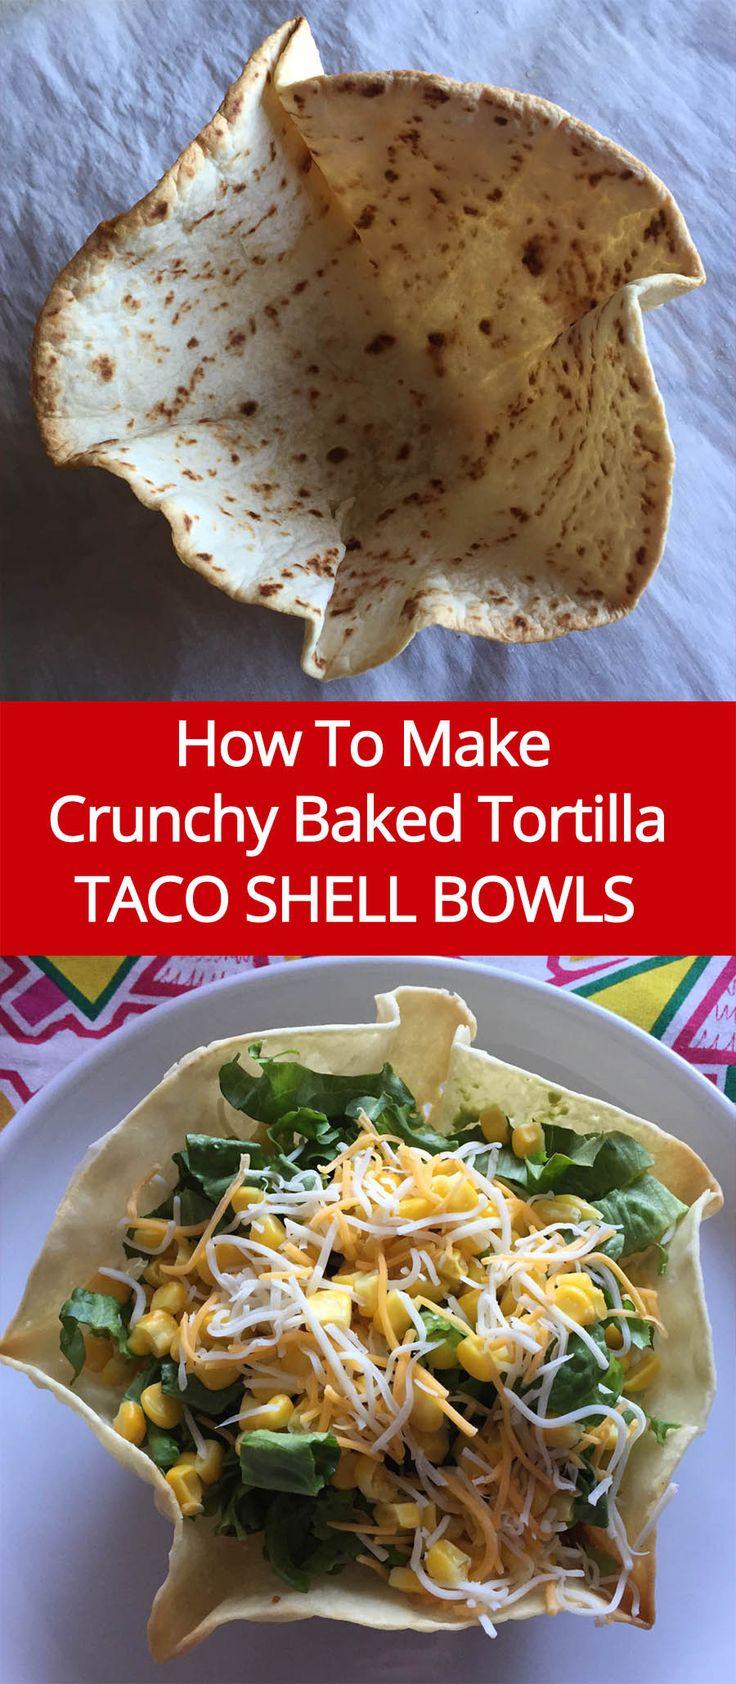 Taco Shell Bowls Recipe For Taco Salad | MelanieCooks.com